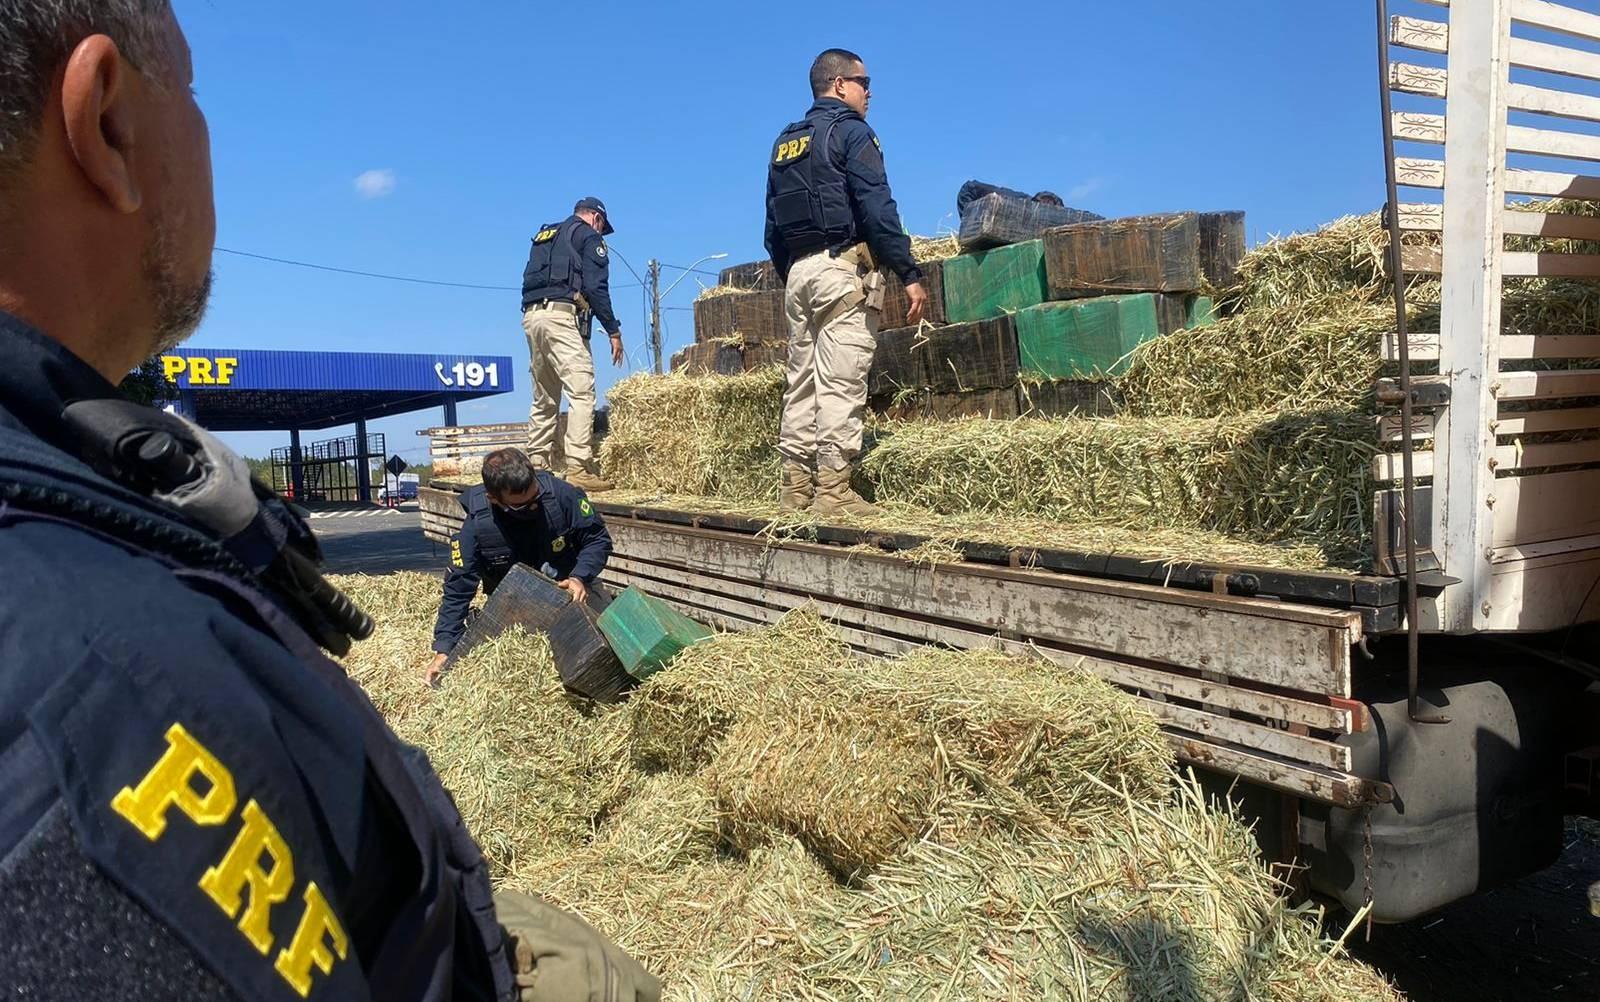 Polícia incinera quase três toneladas de maconha encontrada em carga de feno no sudoeste do estado